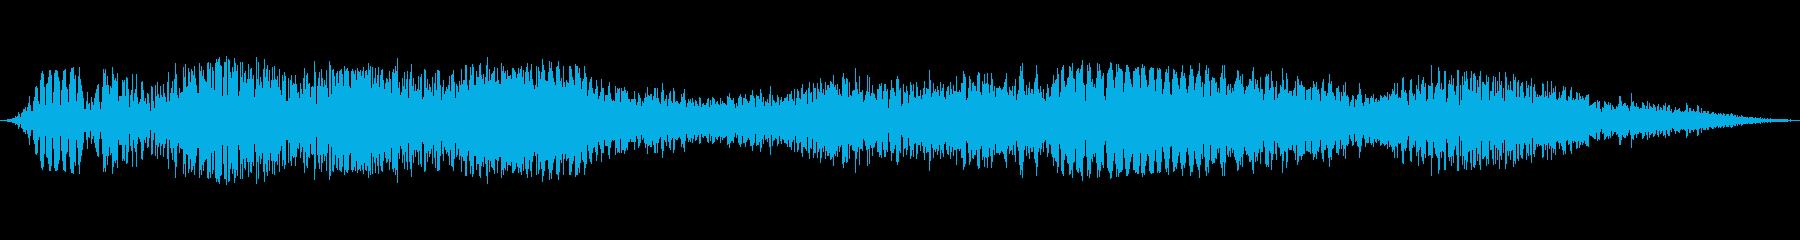 大規模なサーボ:短い動作不良、SC...の再生済みの波形